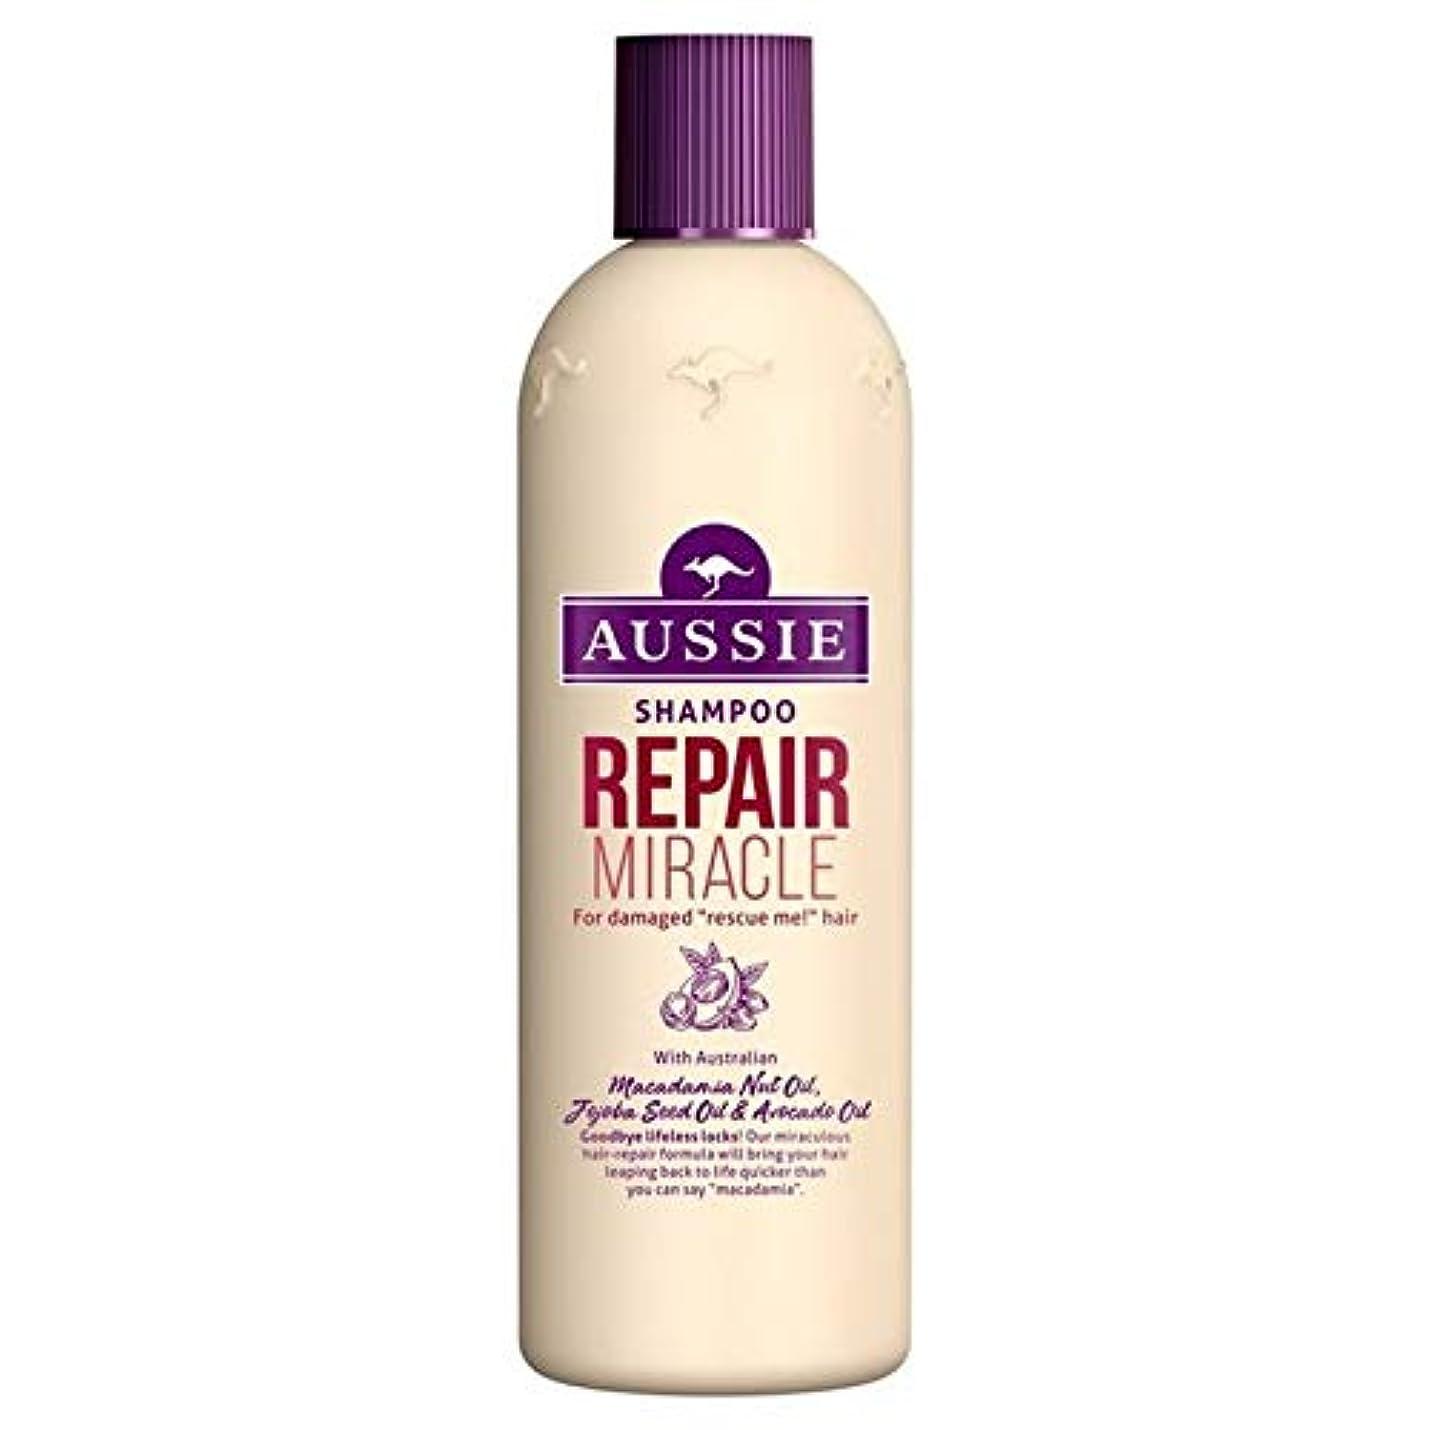 運命的な溶融喜ぶ[Aussie ] いたずらな髪の300ミリリットルのすべての種類のオージーシャンプーの修理の奇跡 - Aussie Shampoo Repair Miracle for All Kinds of Naughty Hair...